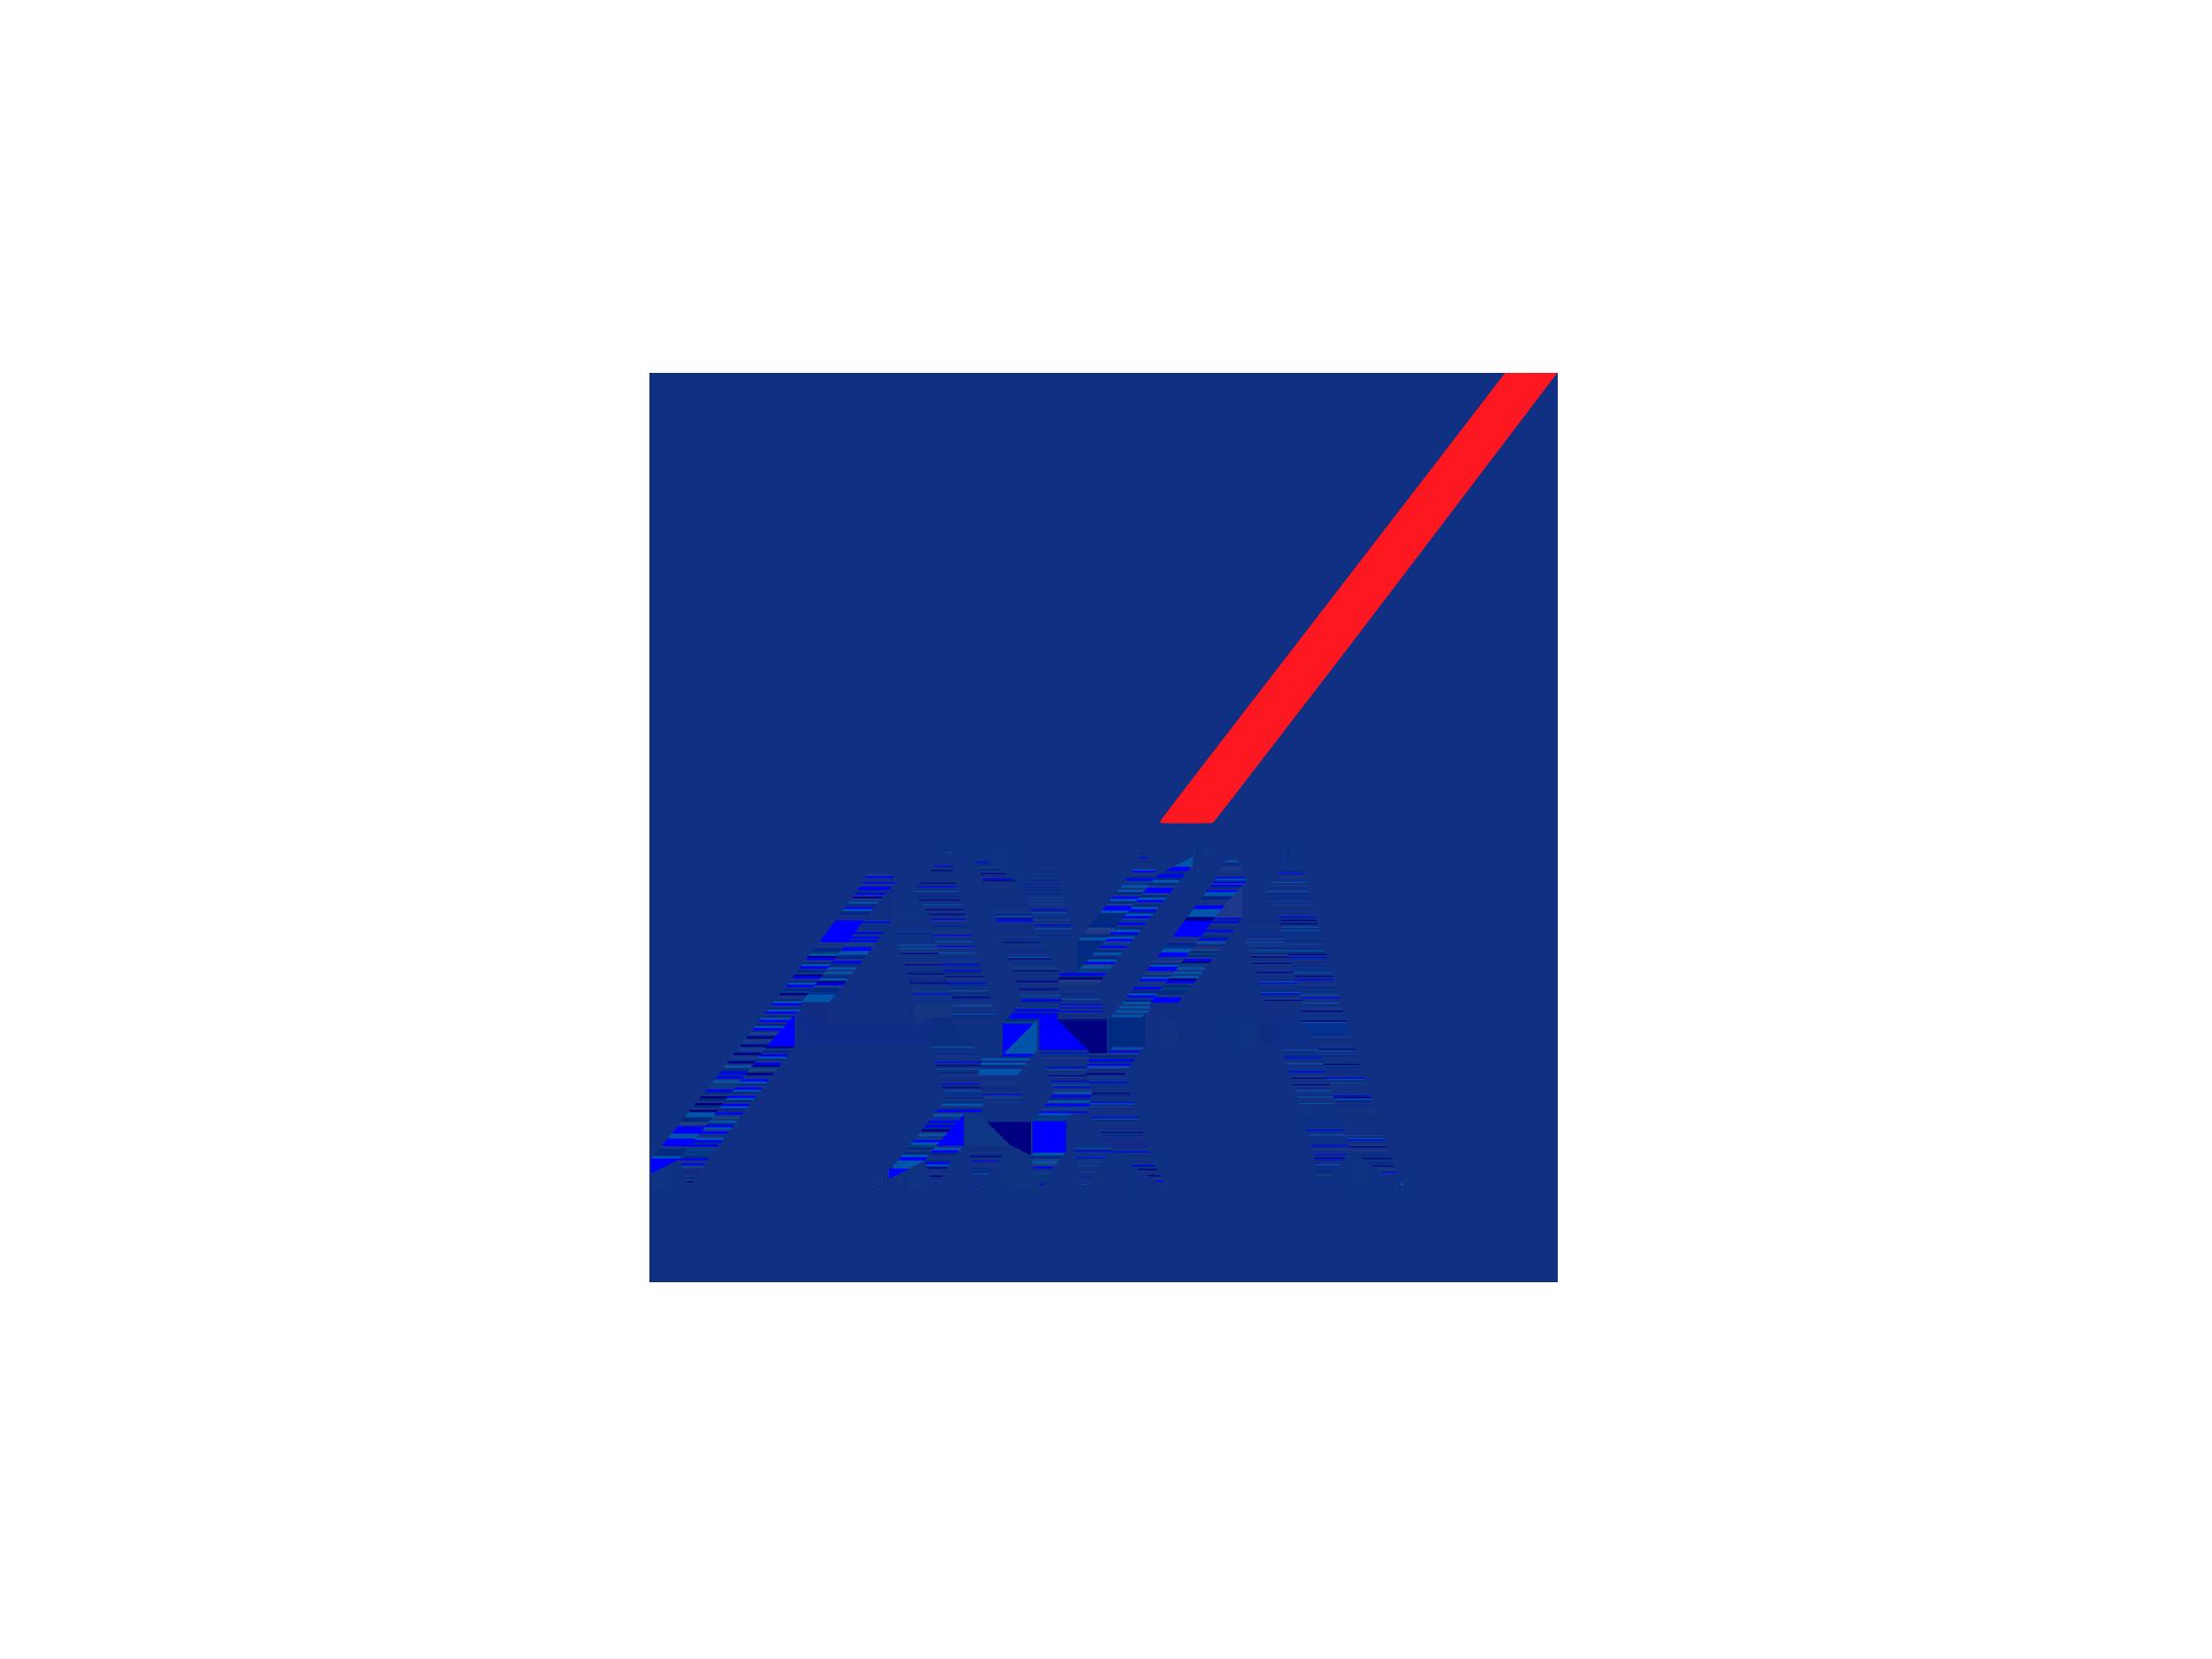 AXA logi